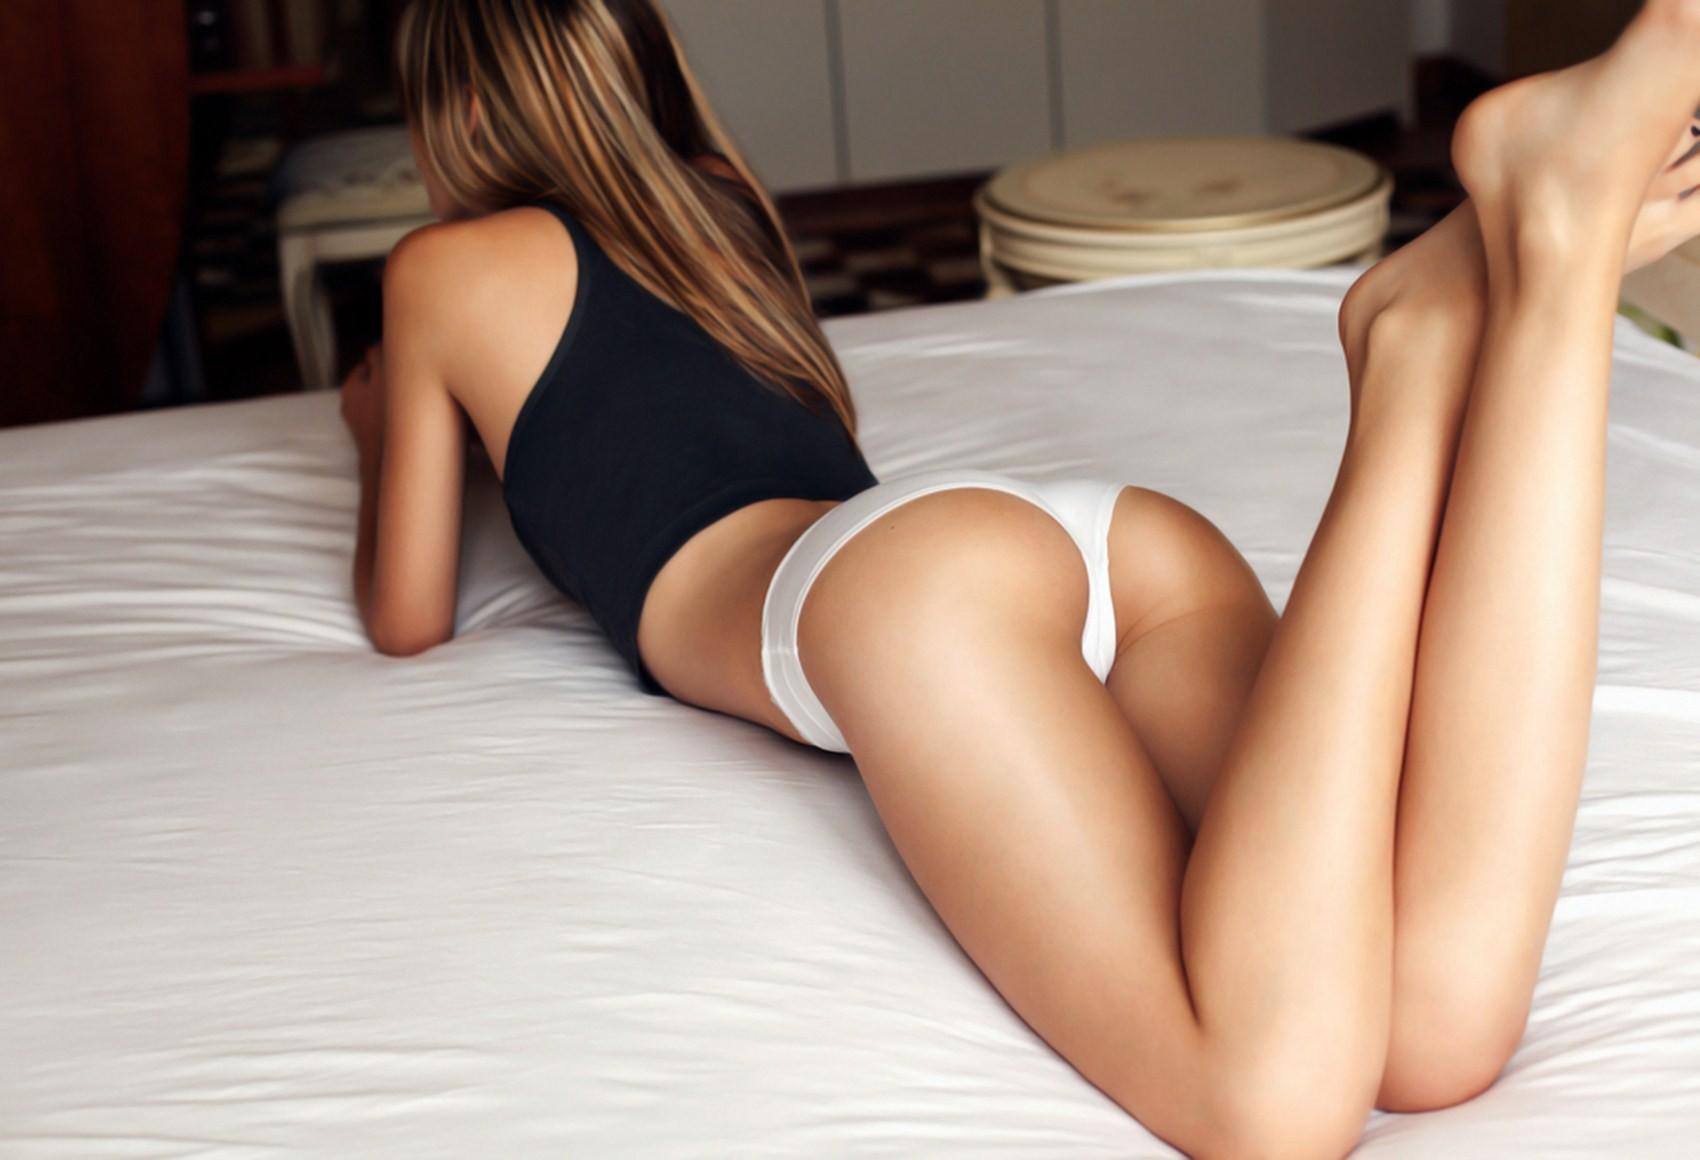 Валет секс худые ножки и попки фото